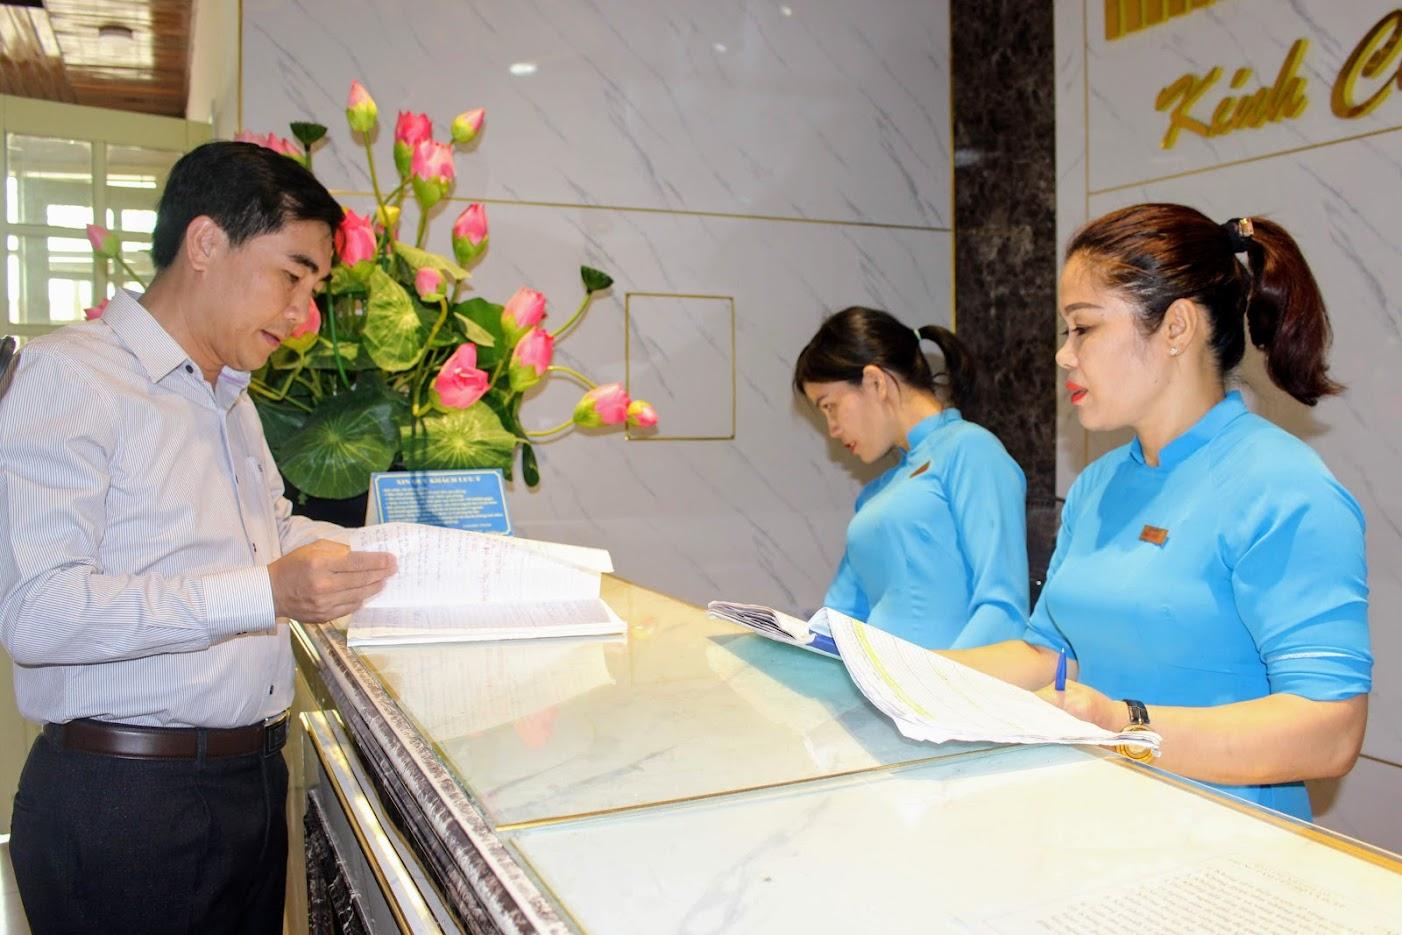 Công tác tiếp đón, thái độ ứng xử luôn được Giám đốc nhà nghỉ dưỡng quan tâm sát sao